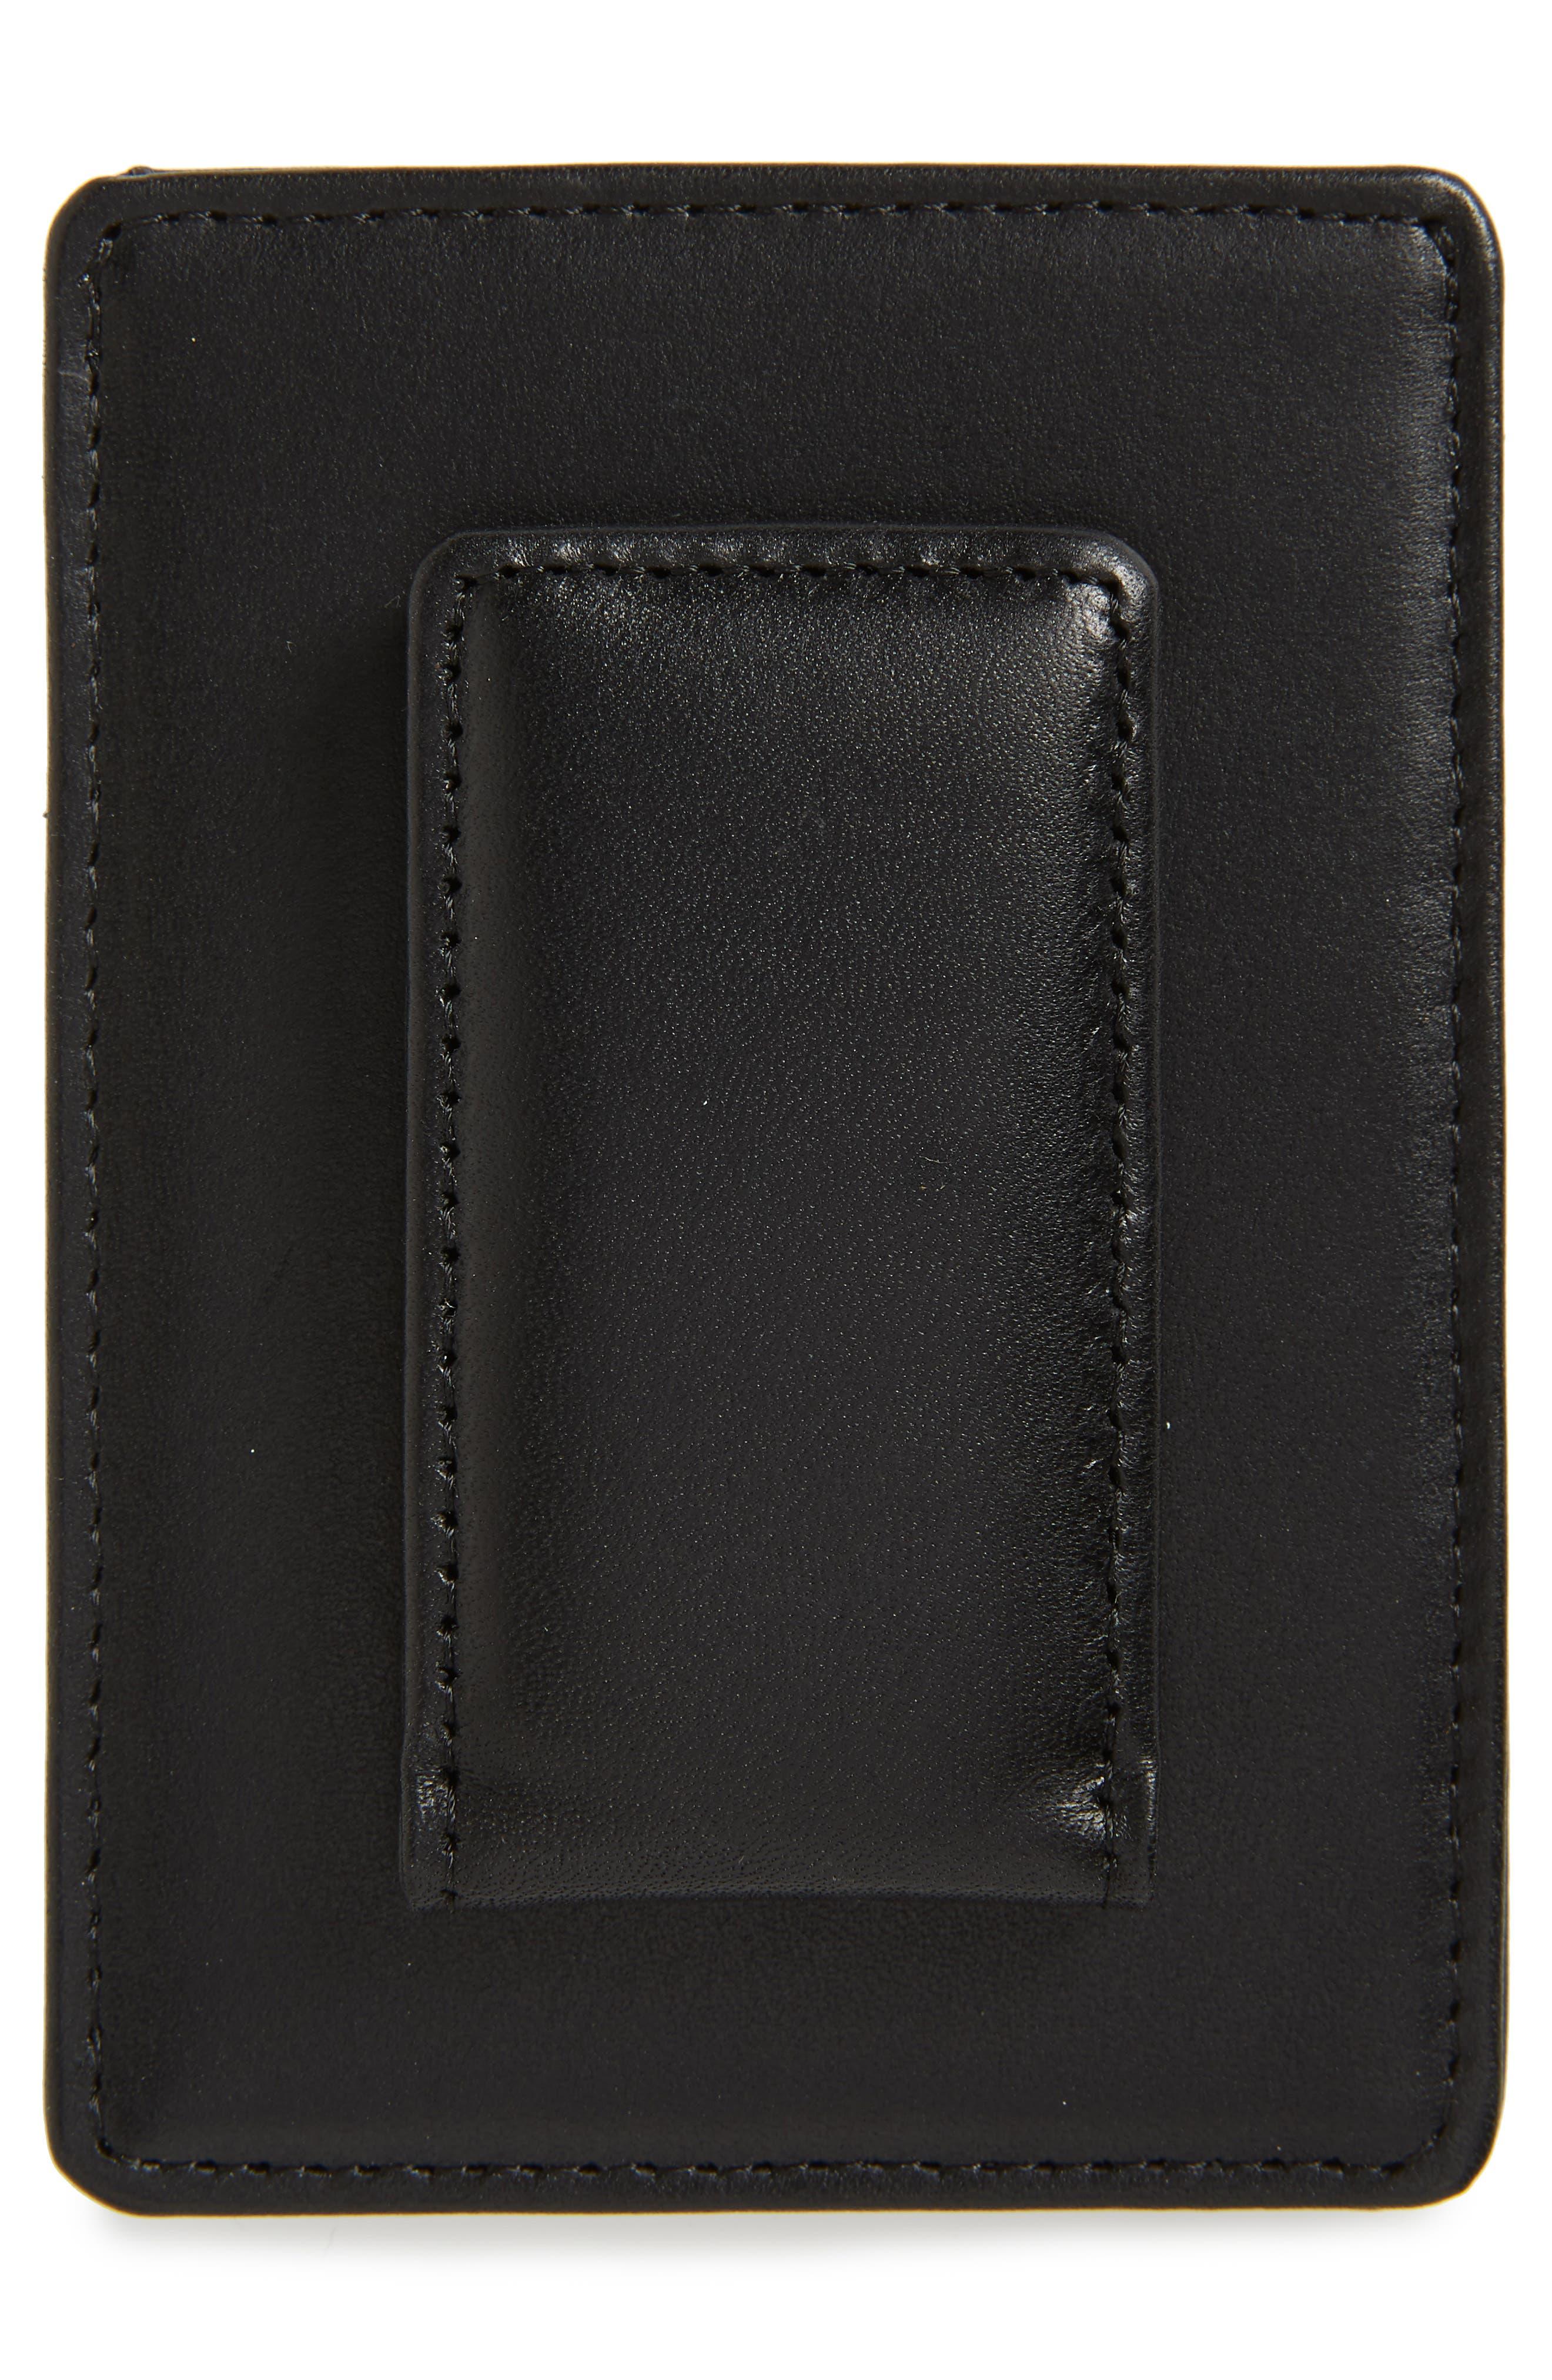 Chelsea Leather Money Clip Card Case,                             Alternate thumbnail 2, color,                             BLACK